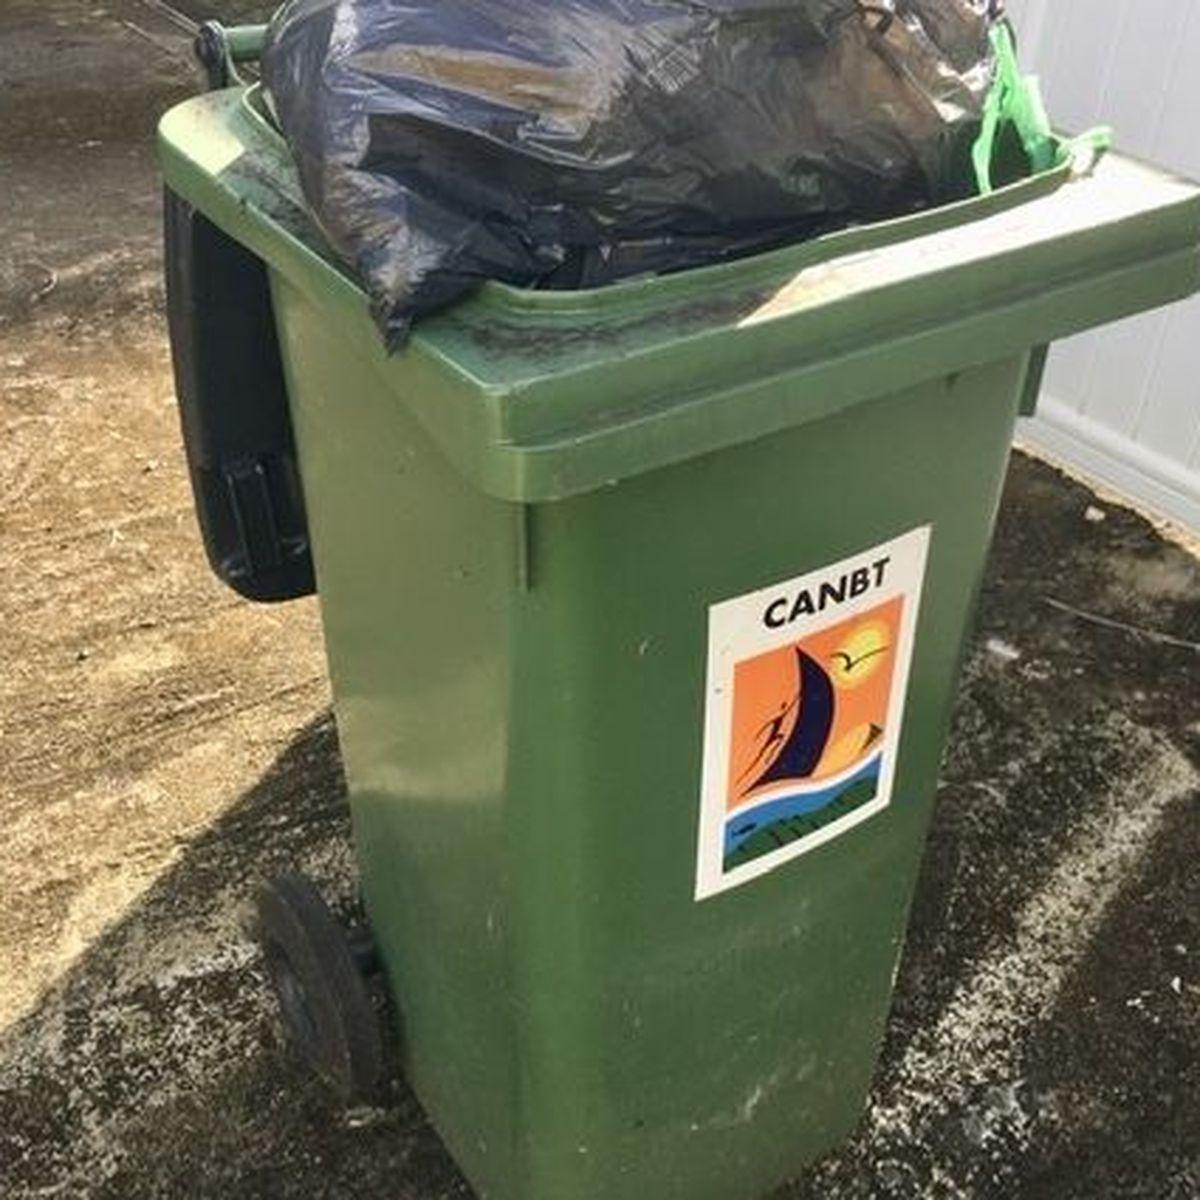 3ème semaine sans ramassage des ordures ménagères dans certains quartiers de Capesterre Belle Eau et de la CANBT. Que font les collectivités concernées?